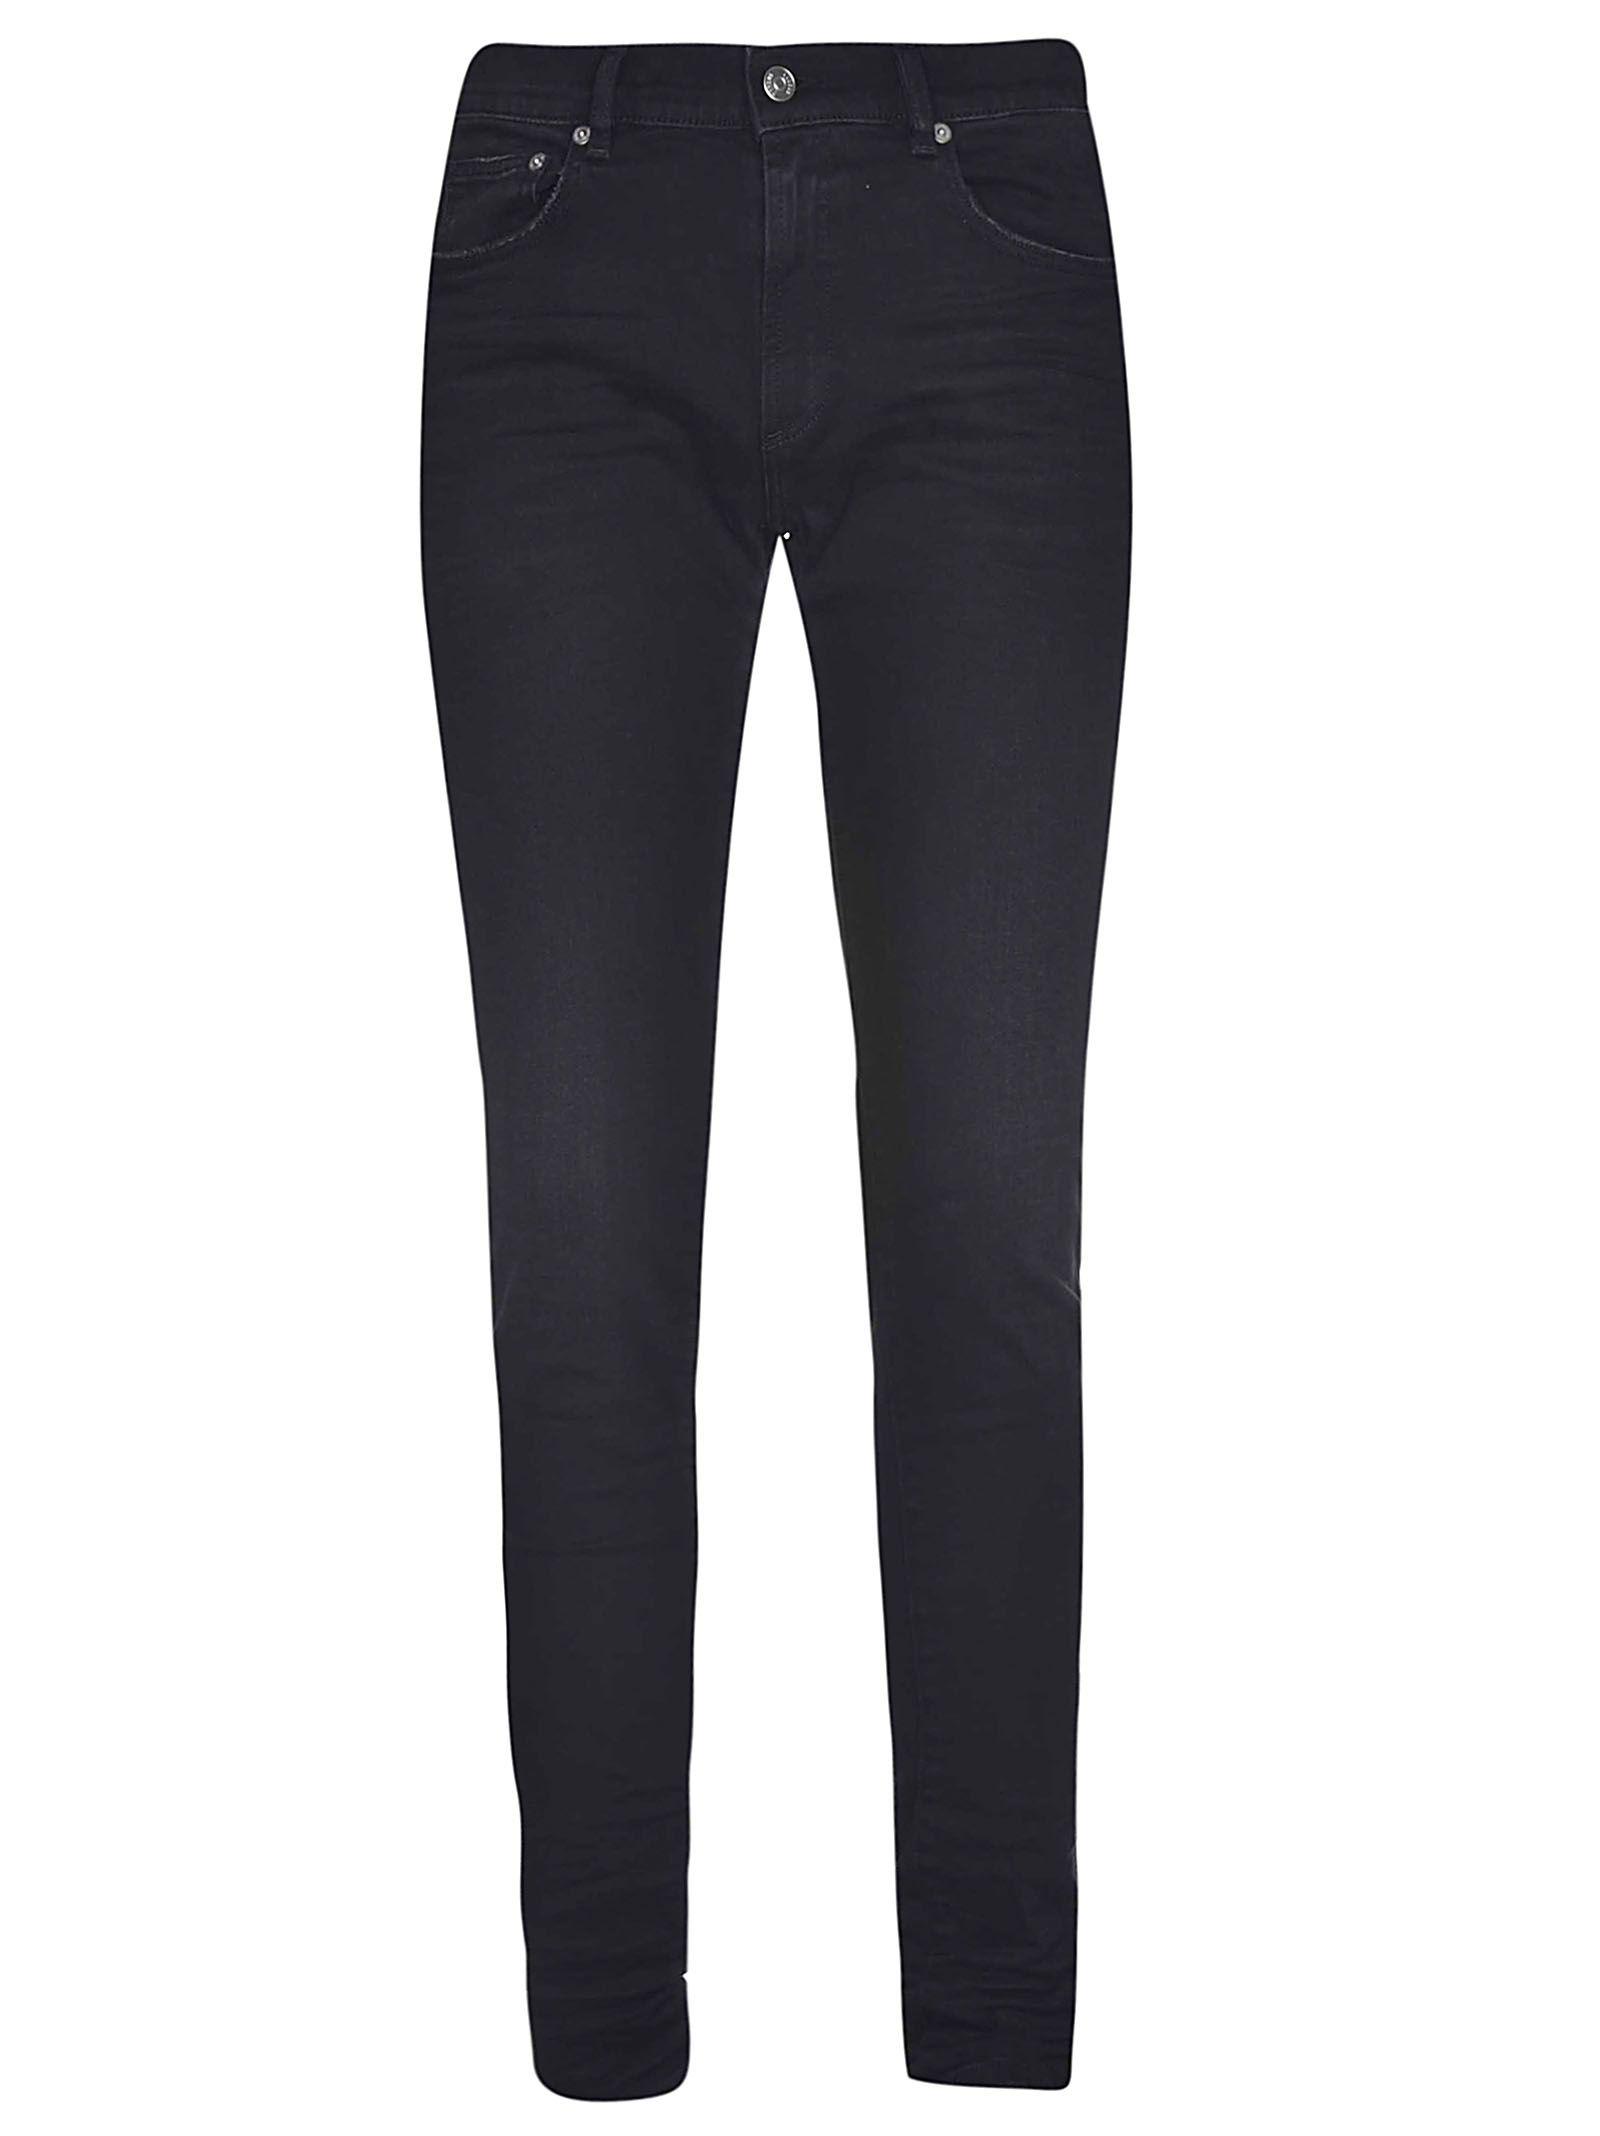 Versus Versace Slim-fit Jeans